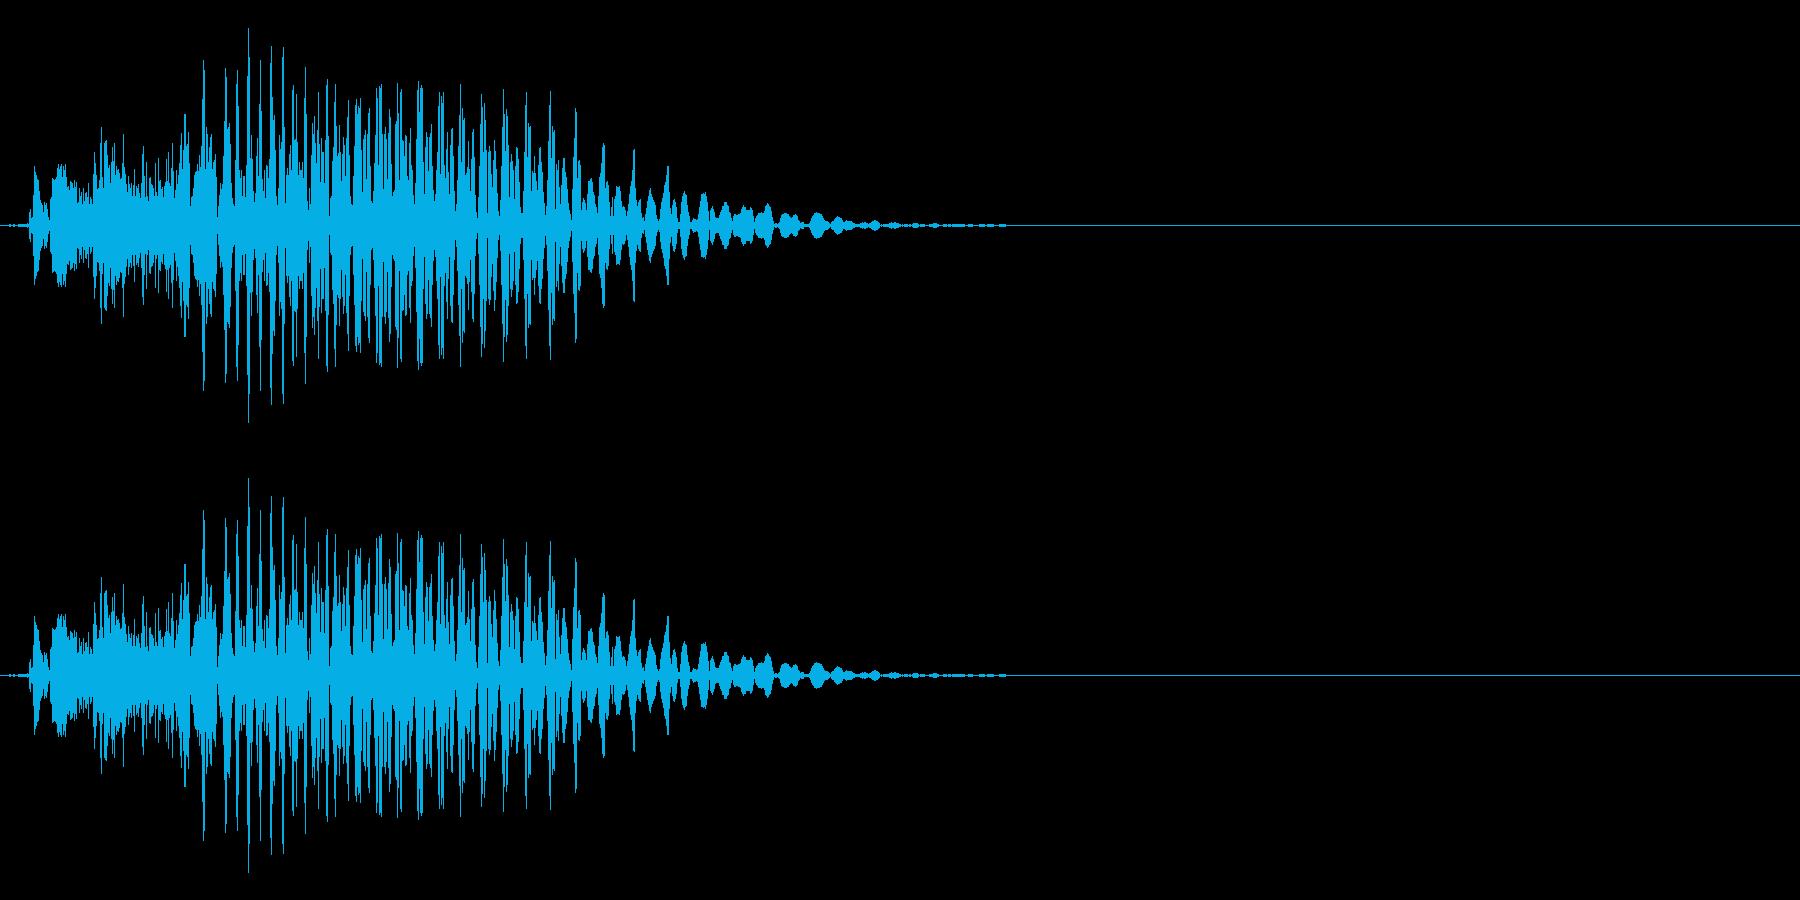 「ポン」 麻雀ゲームのシステムボイスにの再生済みの波形